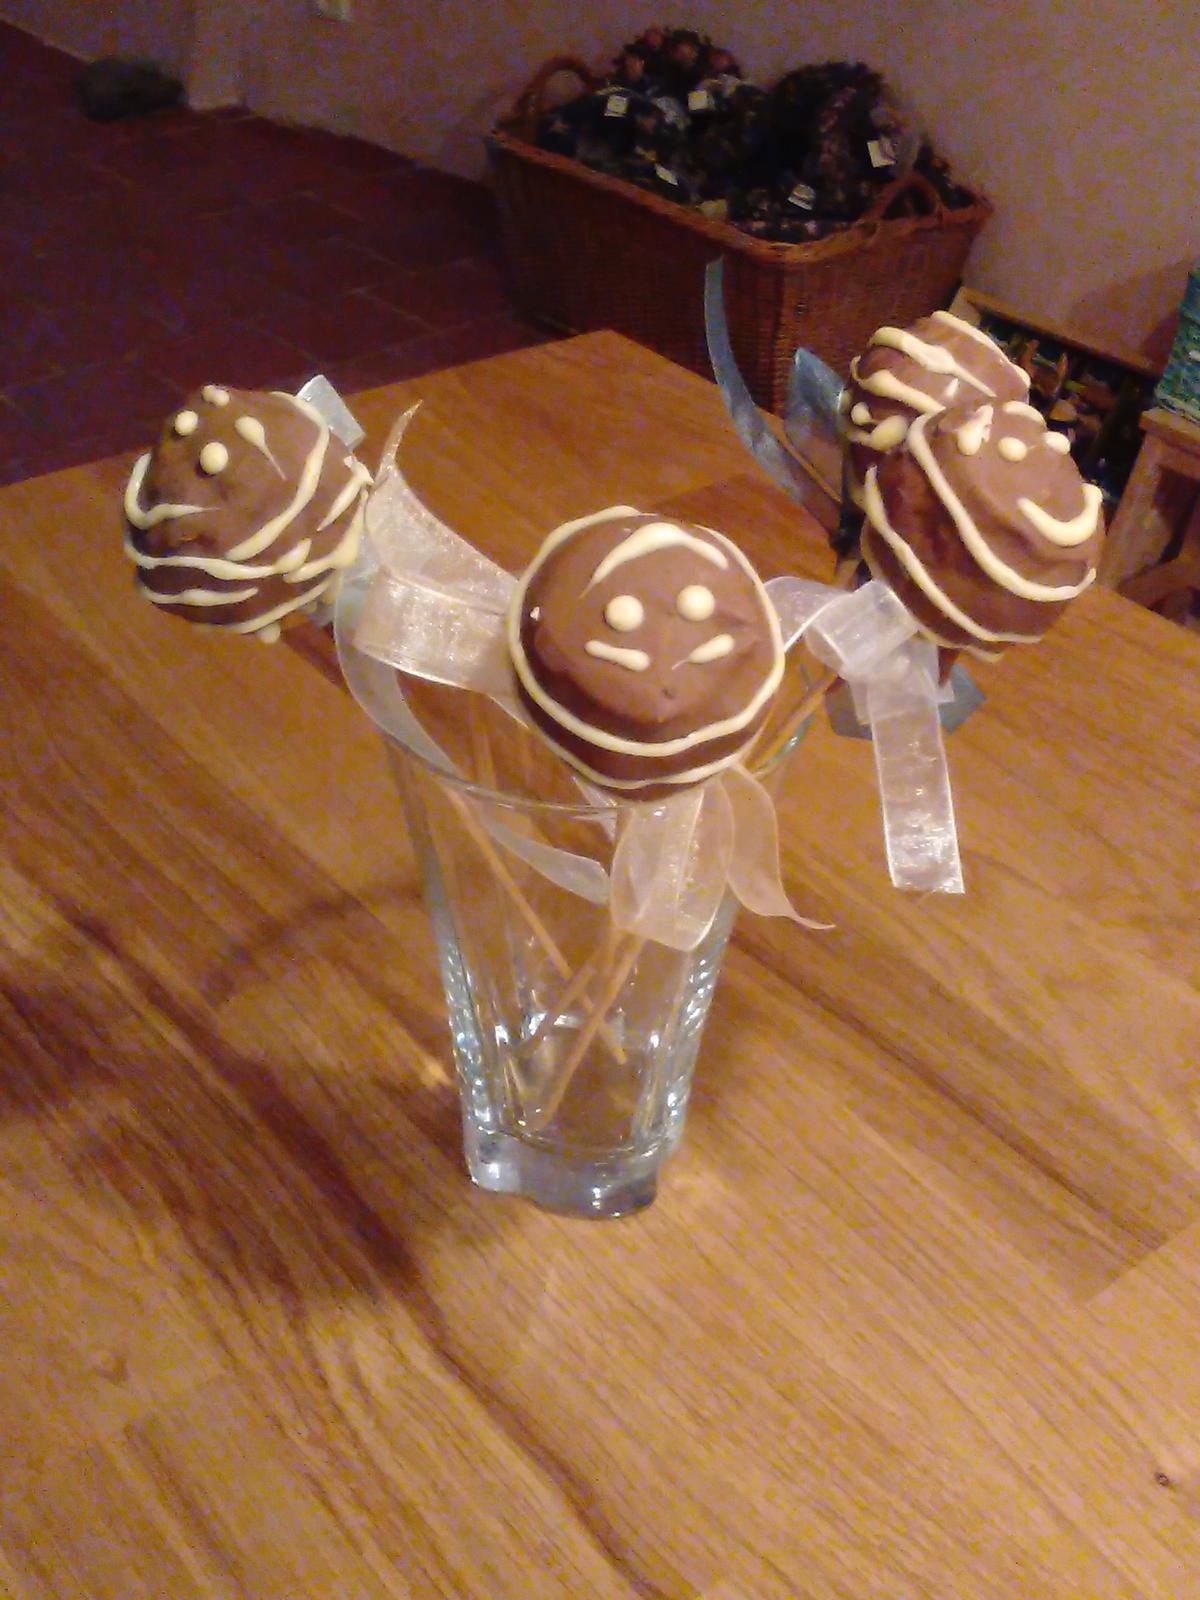 Sladký podzim v mojí kavárně - Cake pops... hm, než jsem je stačila vyfotit,  tak jsem jich část prodala:)